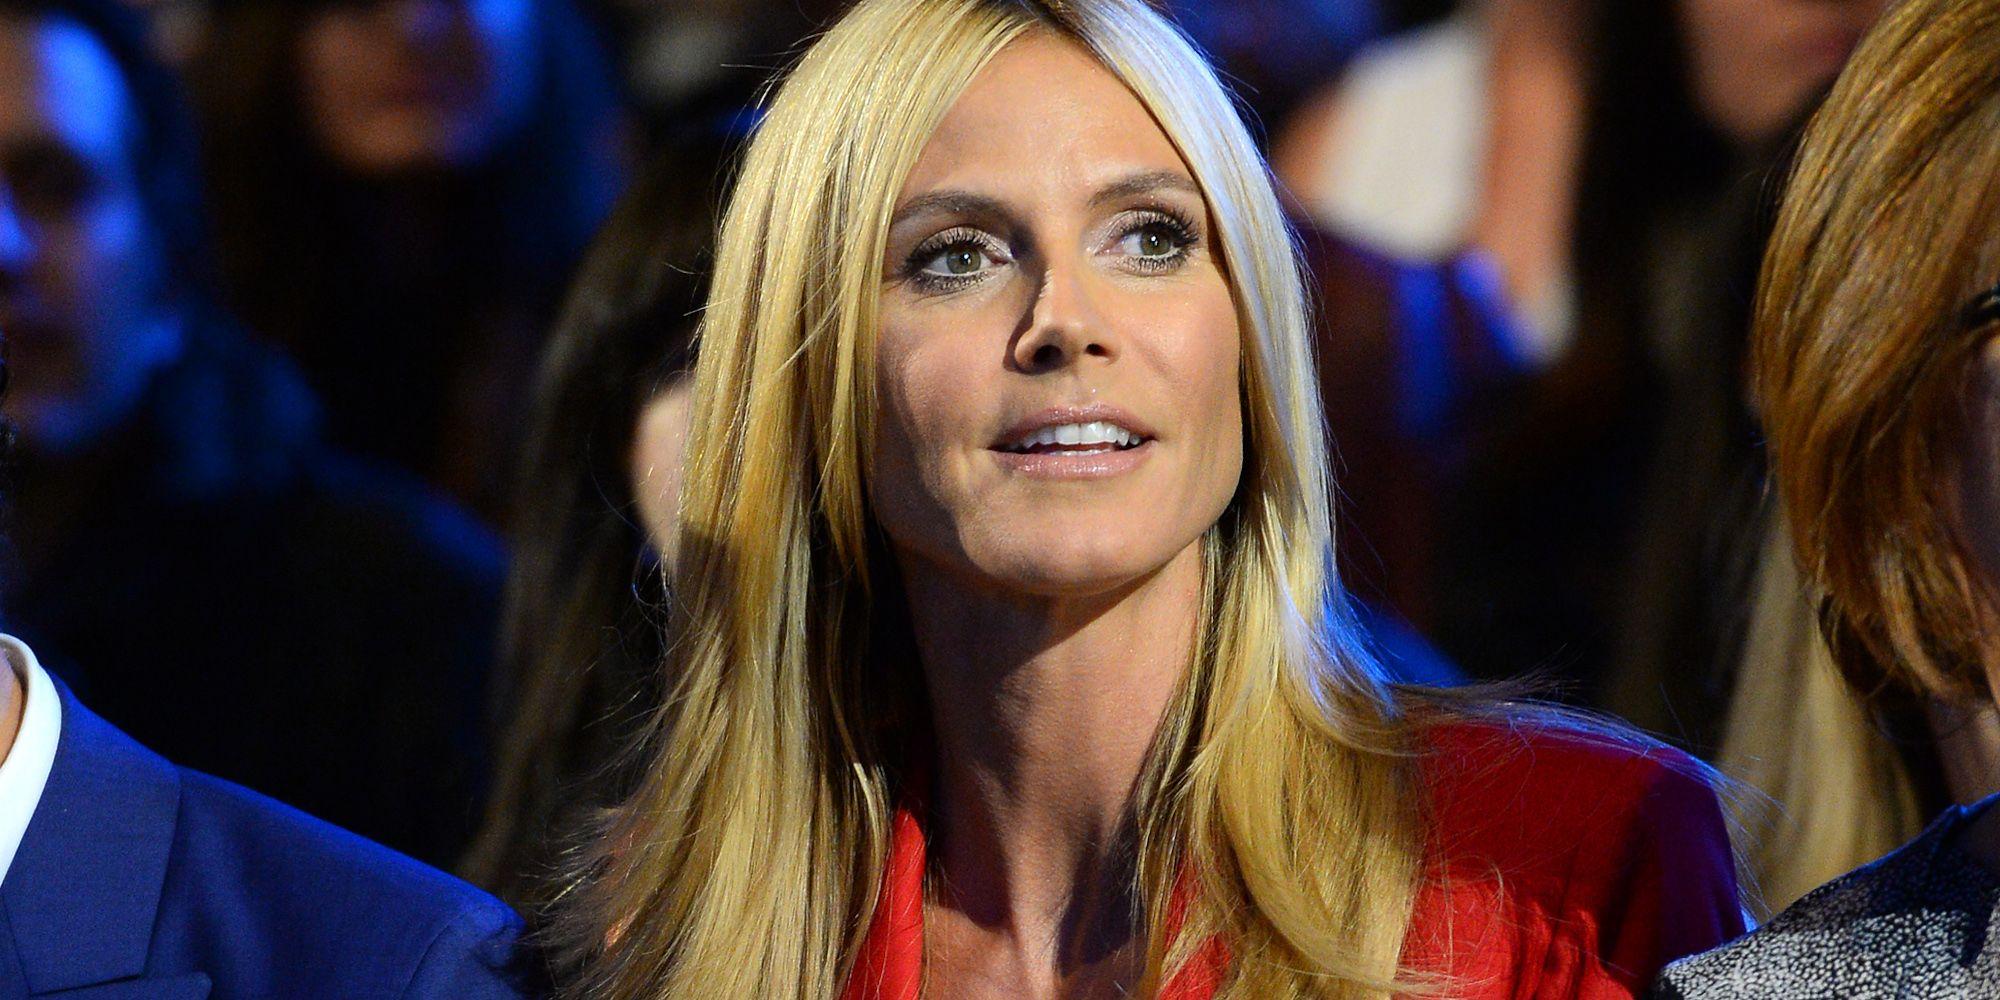 Did Heidi Klum Leave Project Runway? - Why Is Heidi Klum Not